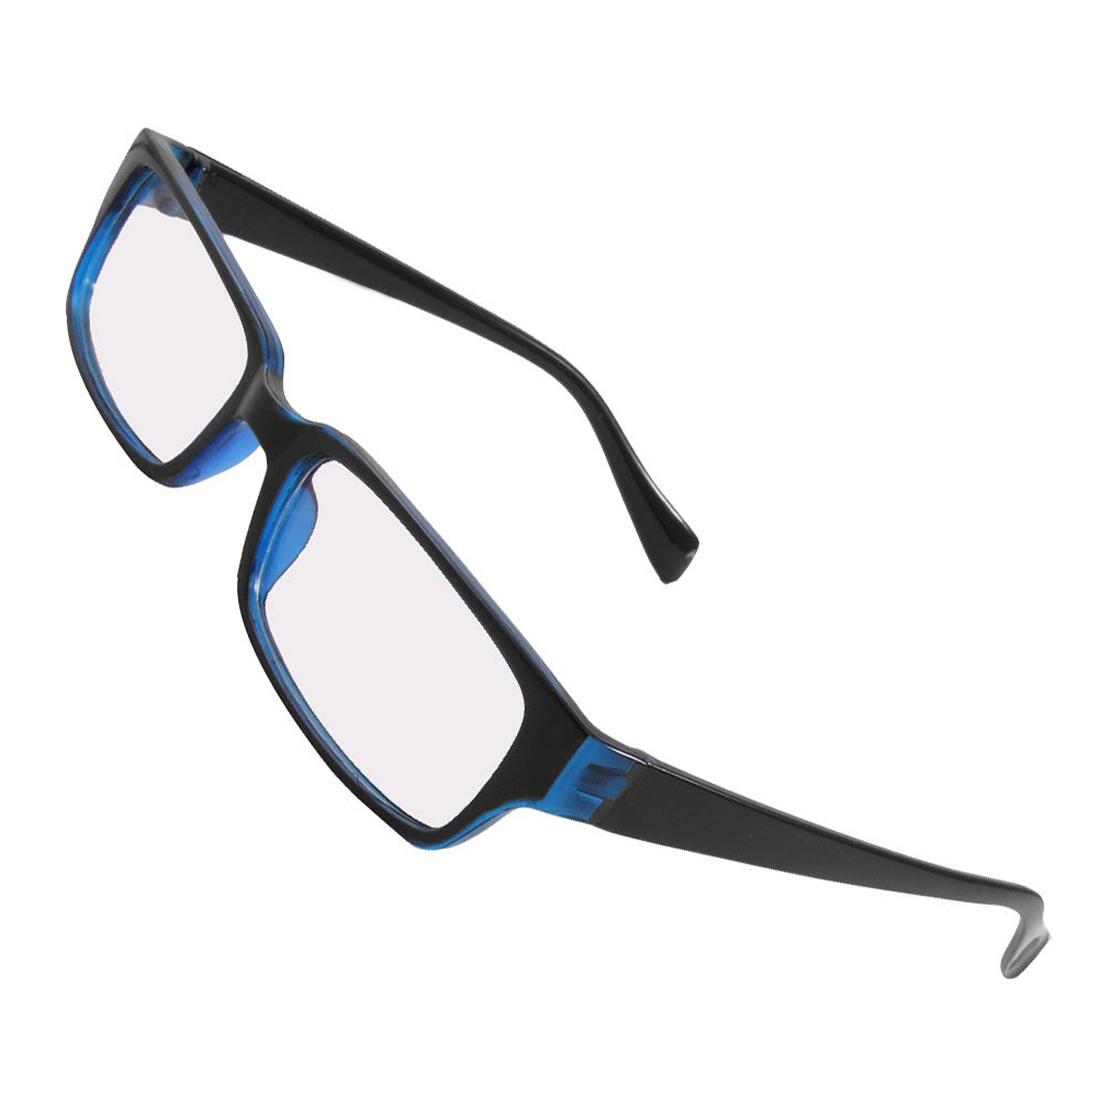 ST Unisex Black Blue Plastic Frame Arms Clear Lens Plain ...